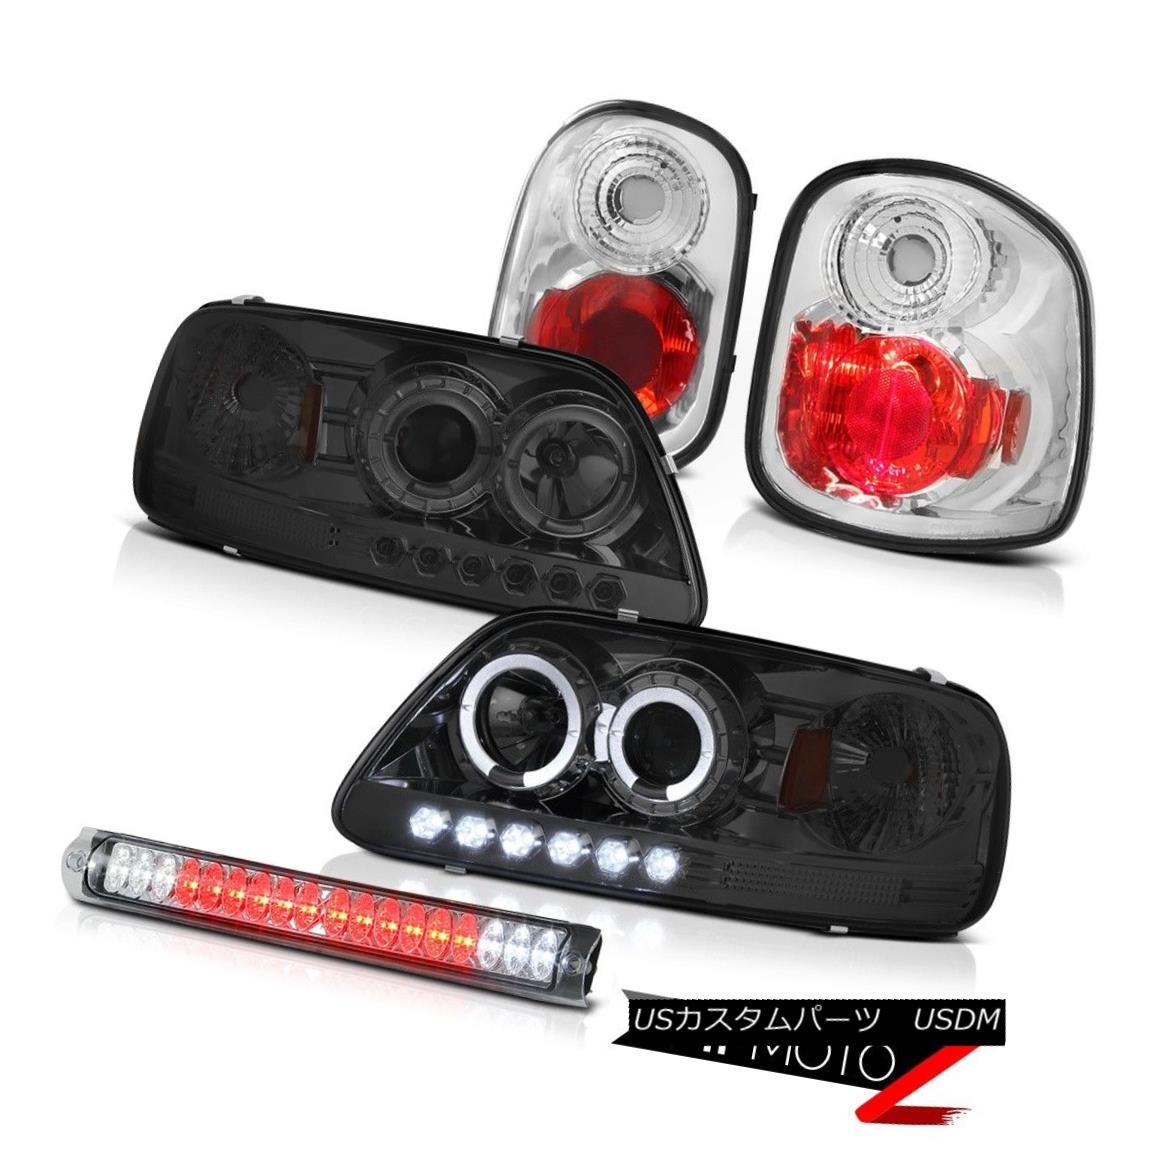 ヘッドライト Smoke Halo Headlights Brake Tail Lights LED 97-00 F150 Flareside Harley Davidson スモークハローヘッドライトブレーキテールライトLED 97-00 F150 Flaresideハーレーダビッドソン